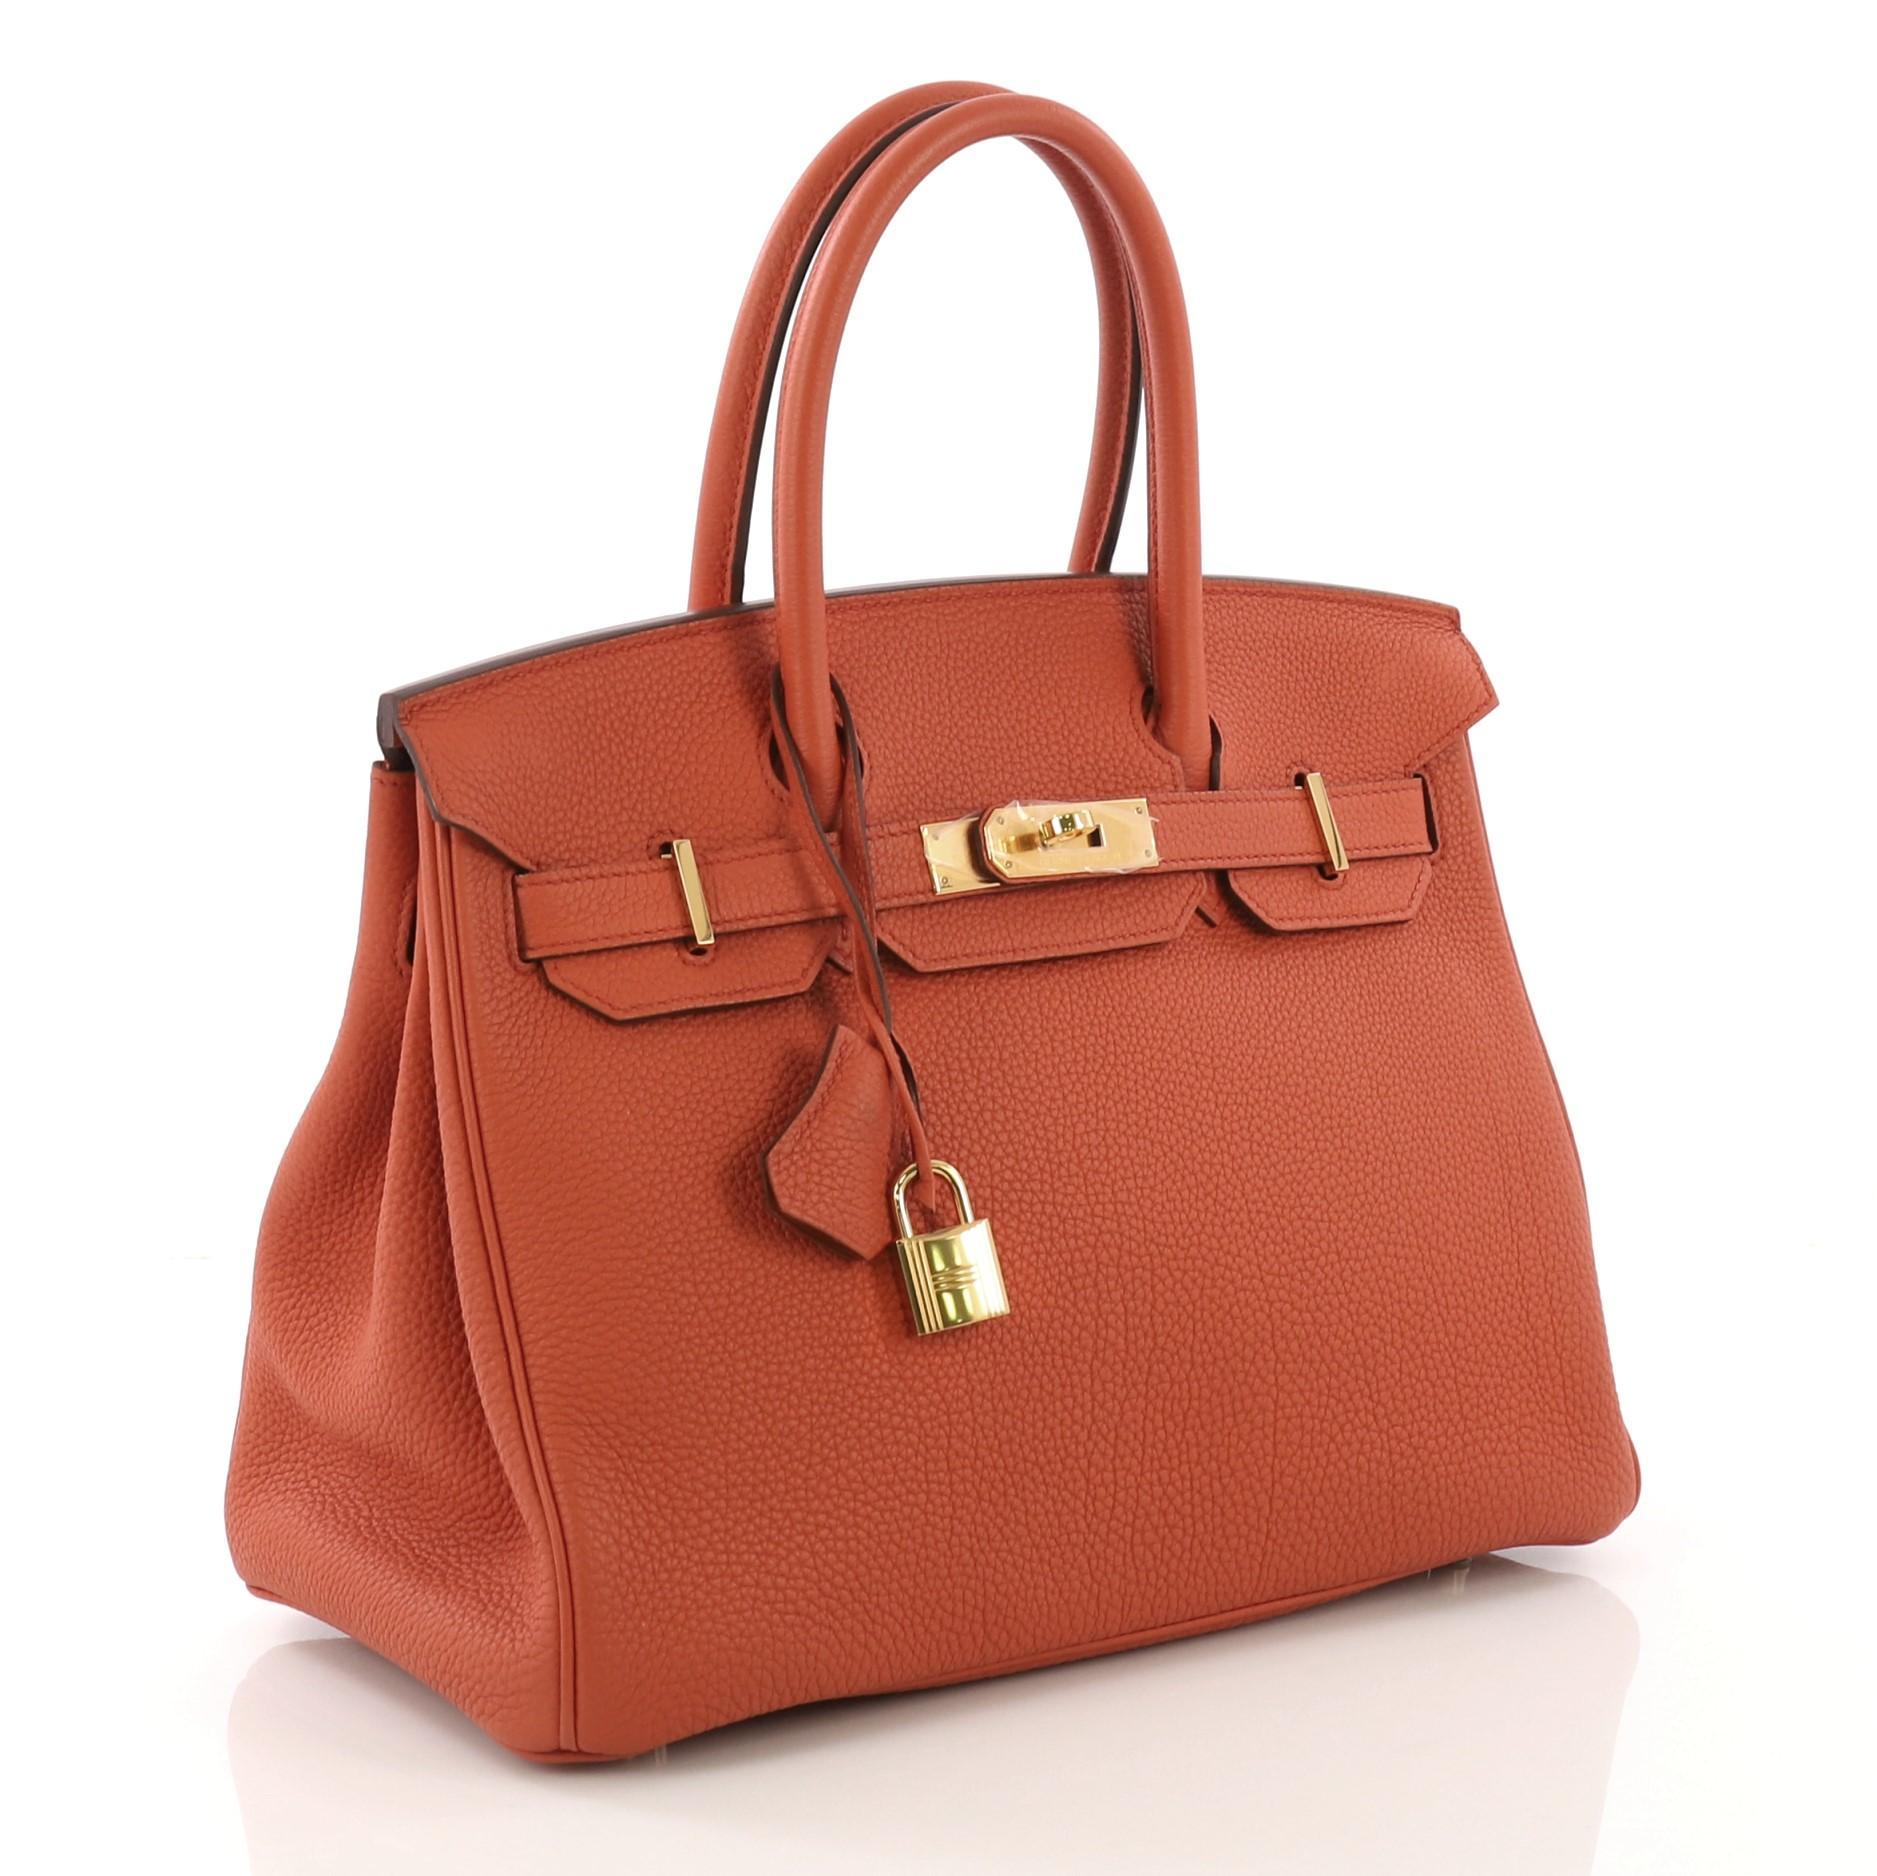 6793424573 Hermes Birkin Handbag Terre Battue Togo with Gold Hardware 30 For Sale at  1stdibs